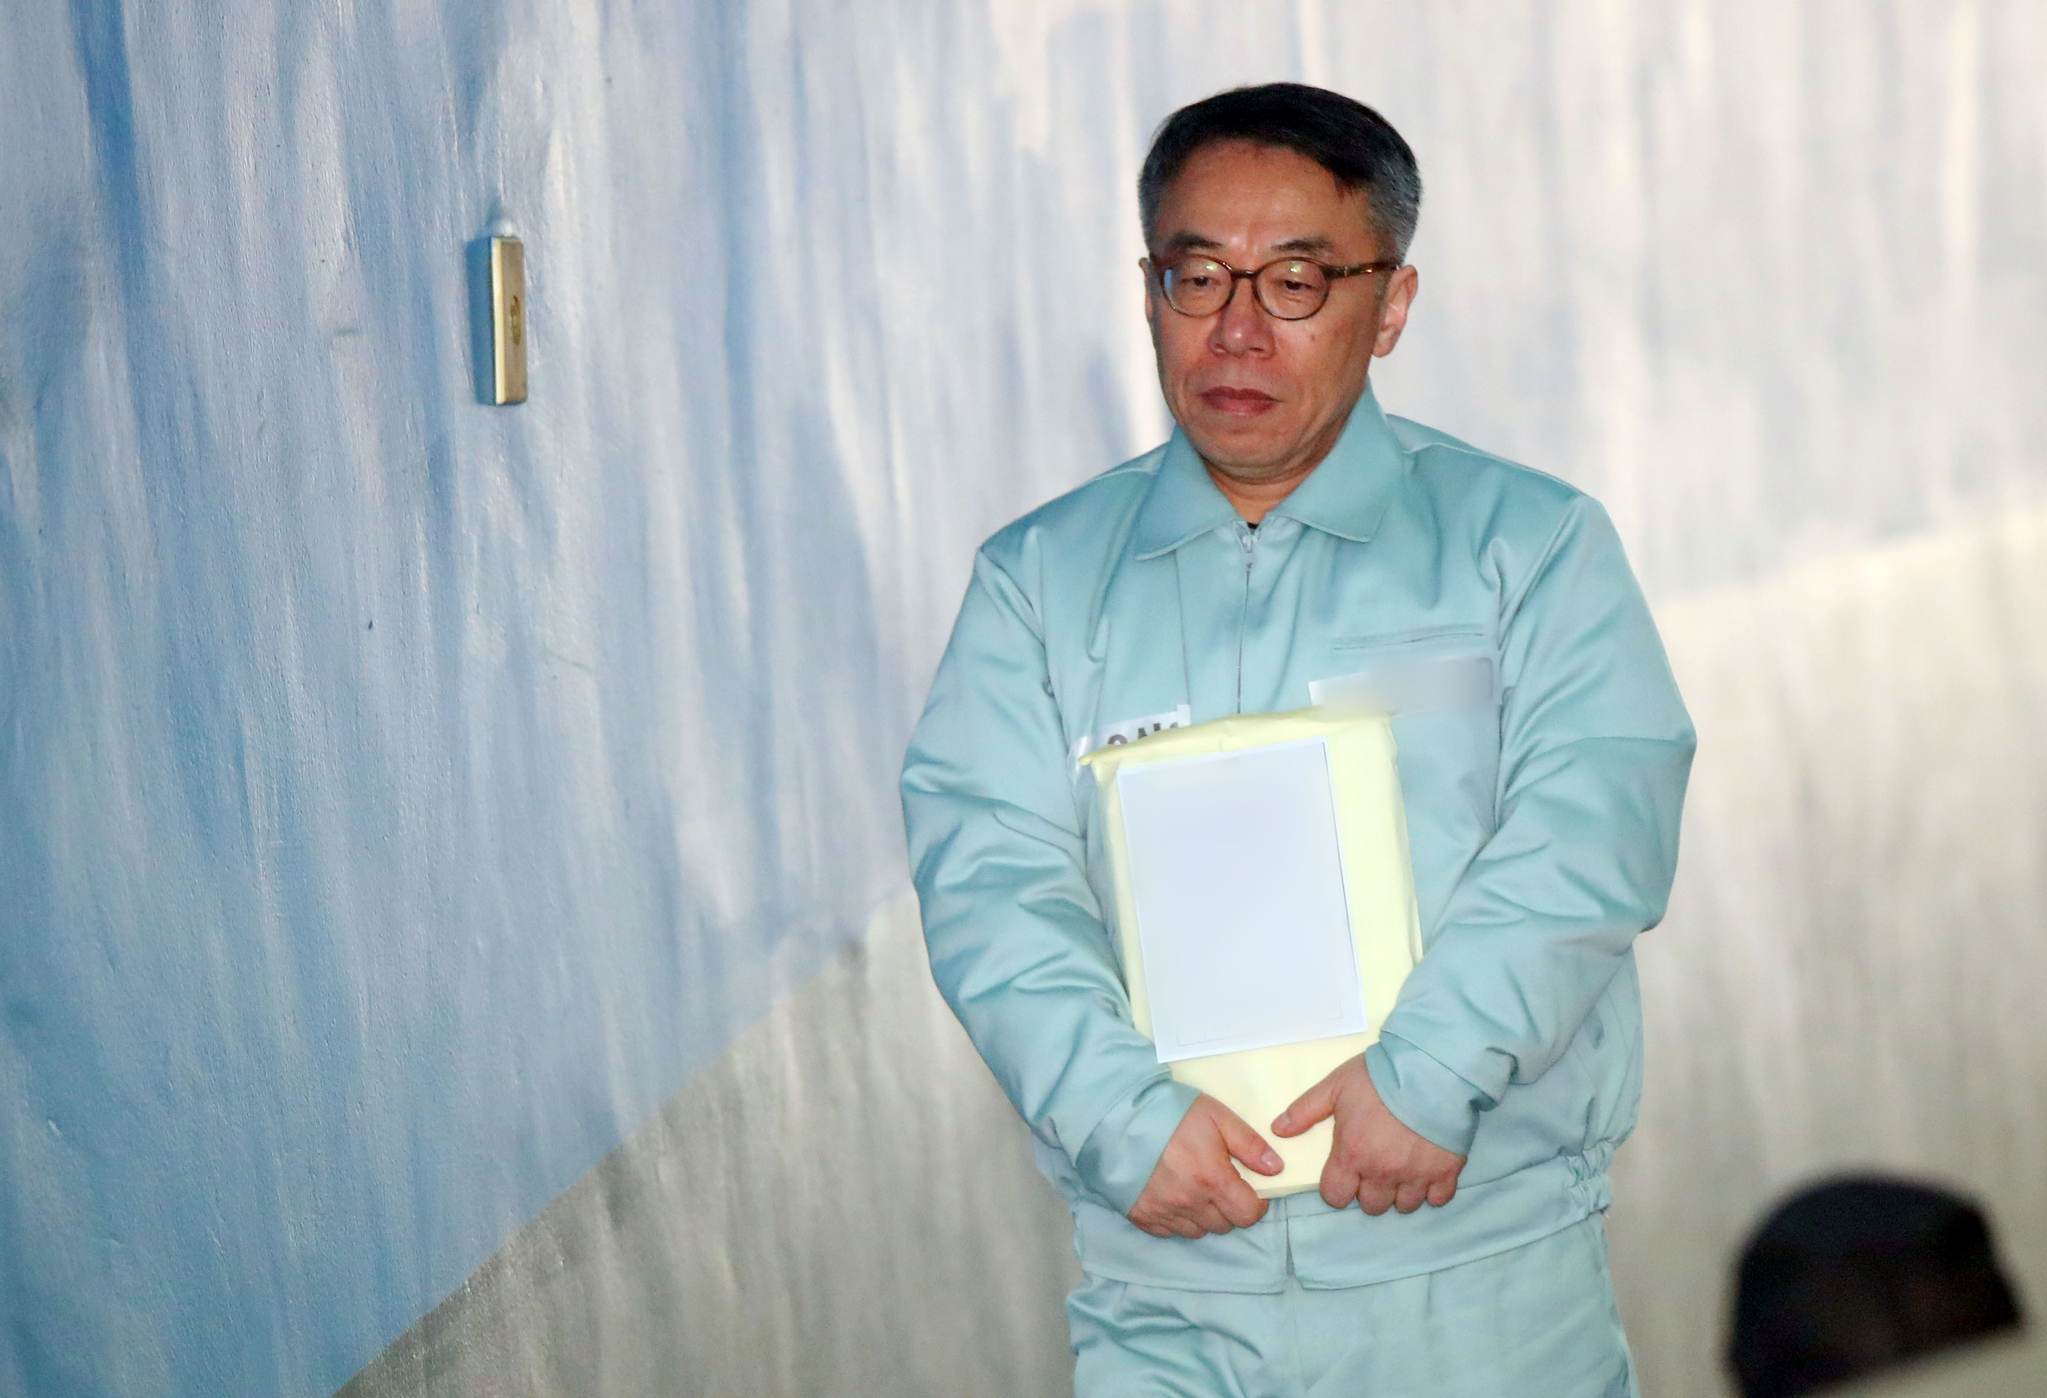 임종헌 전 법원행정처 차장. 연합뉴스